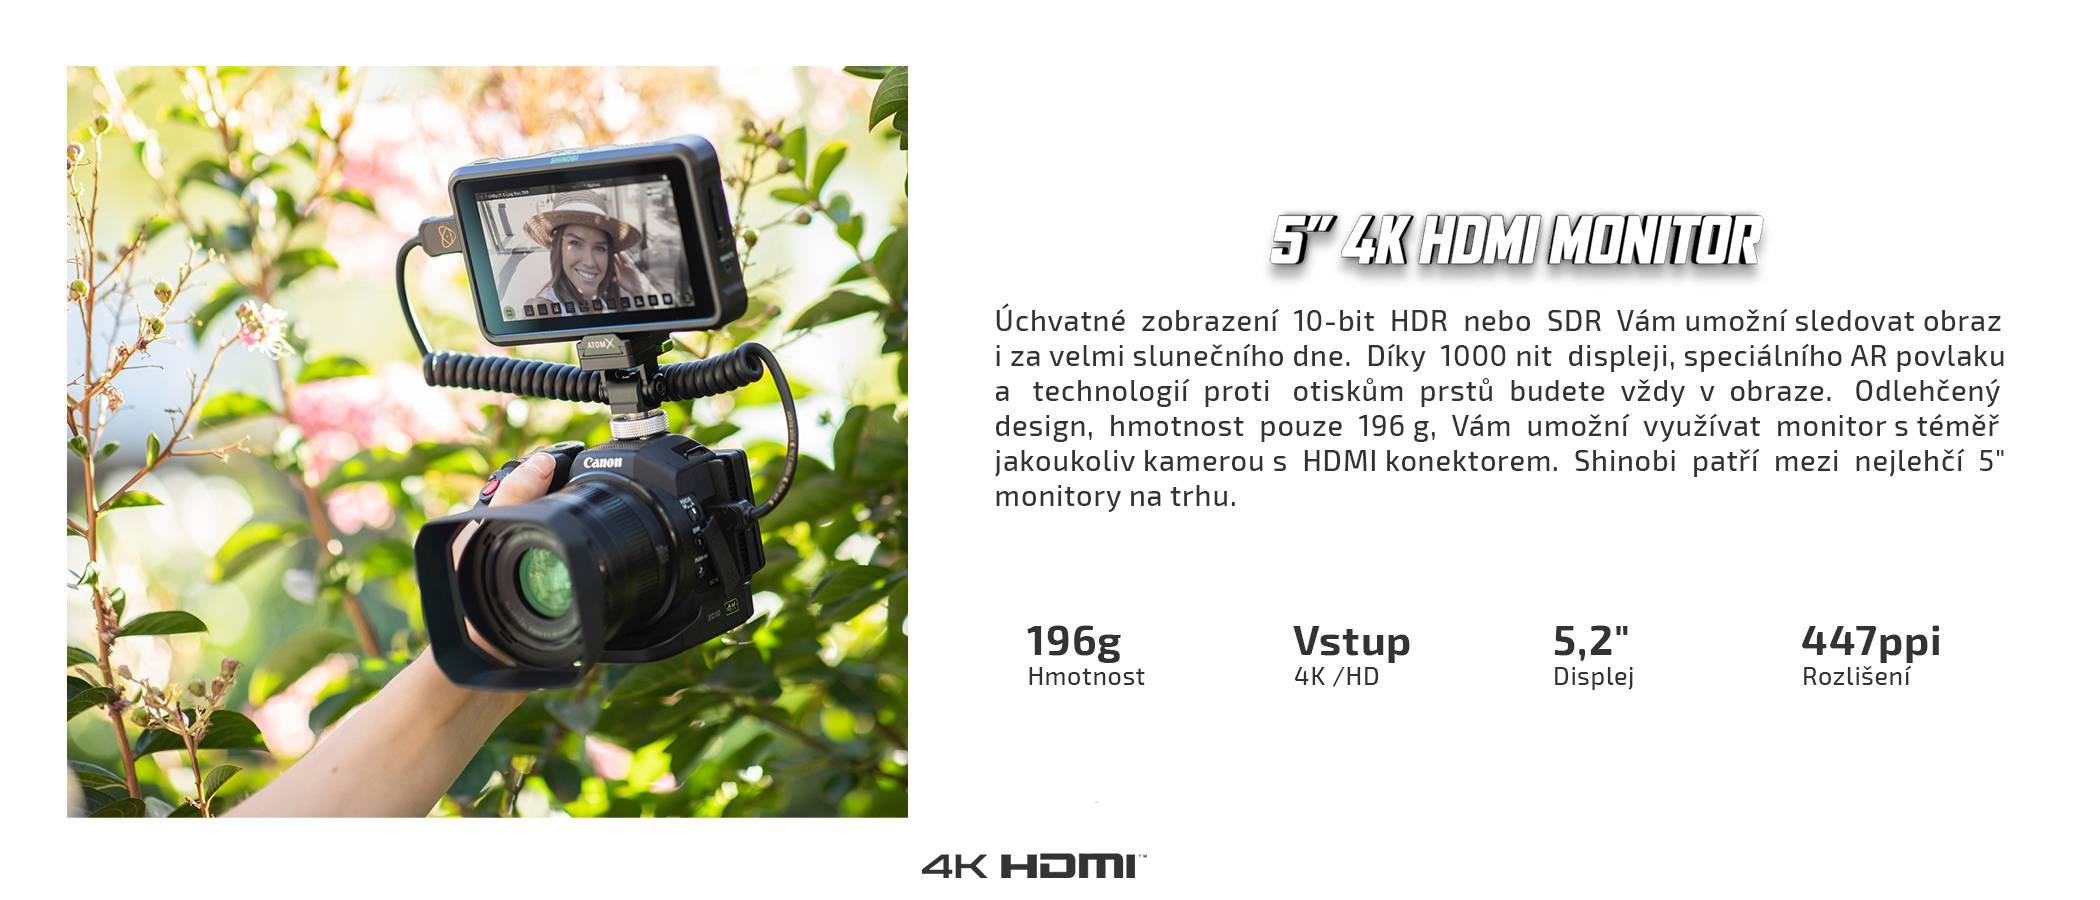 film-technika-atomos-shinobi-hdmi-5-inch-náhledový-monitor_1